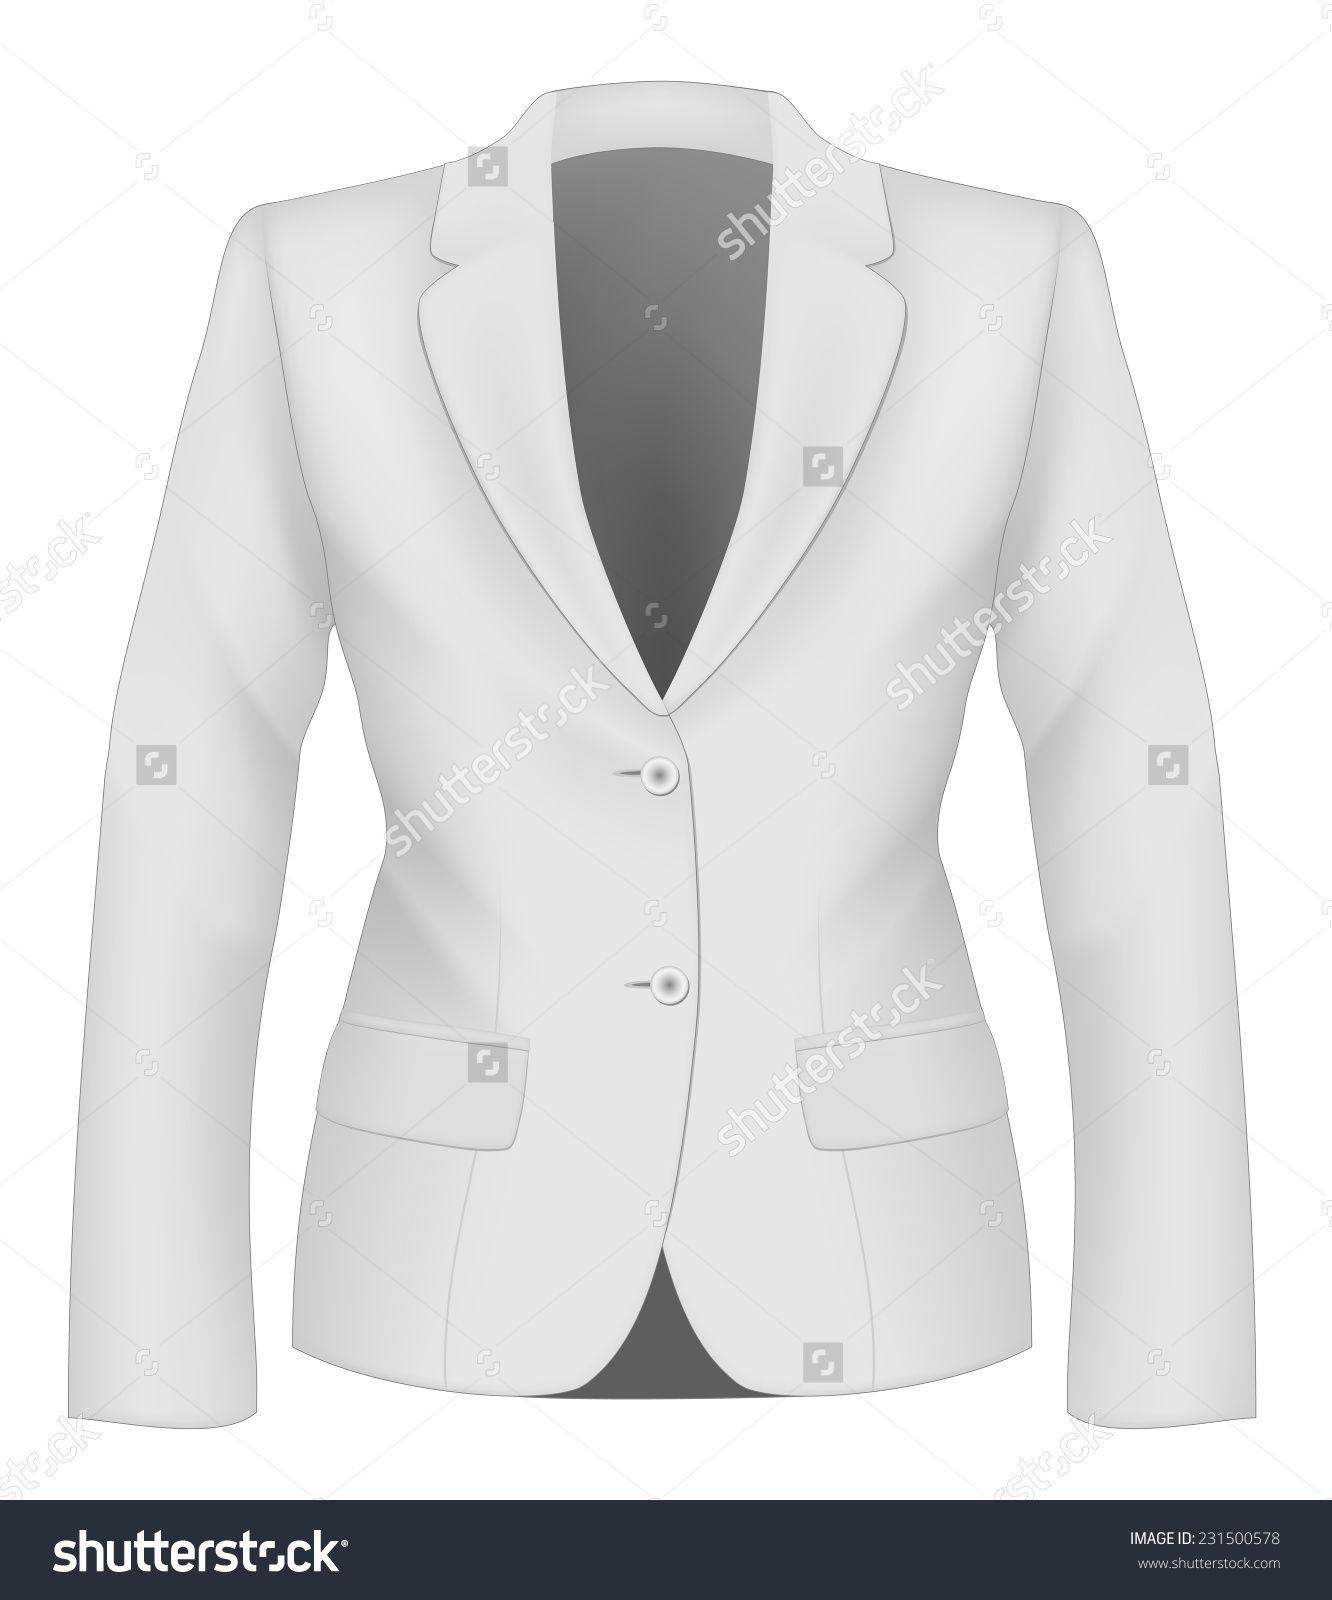 Ladies suit hd photos